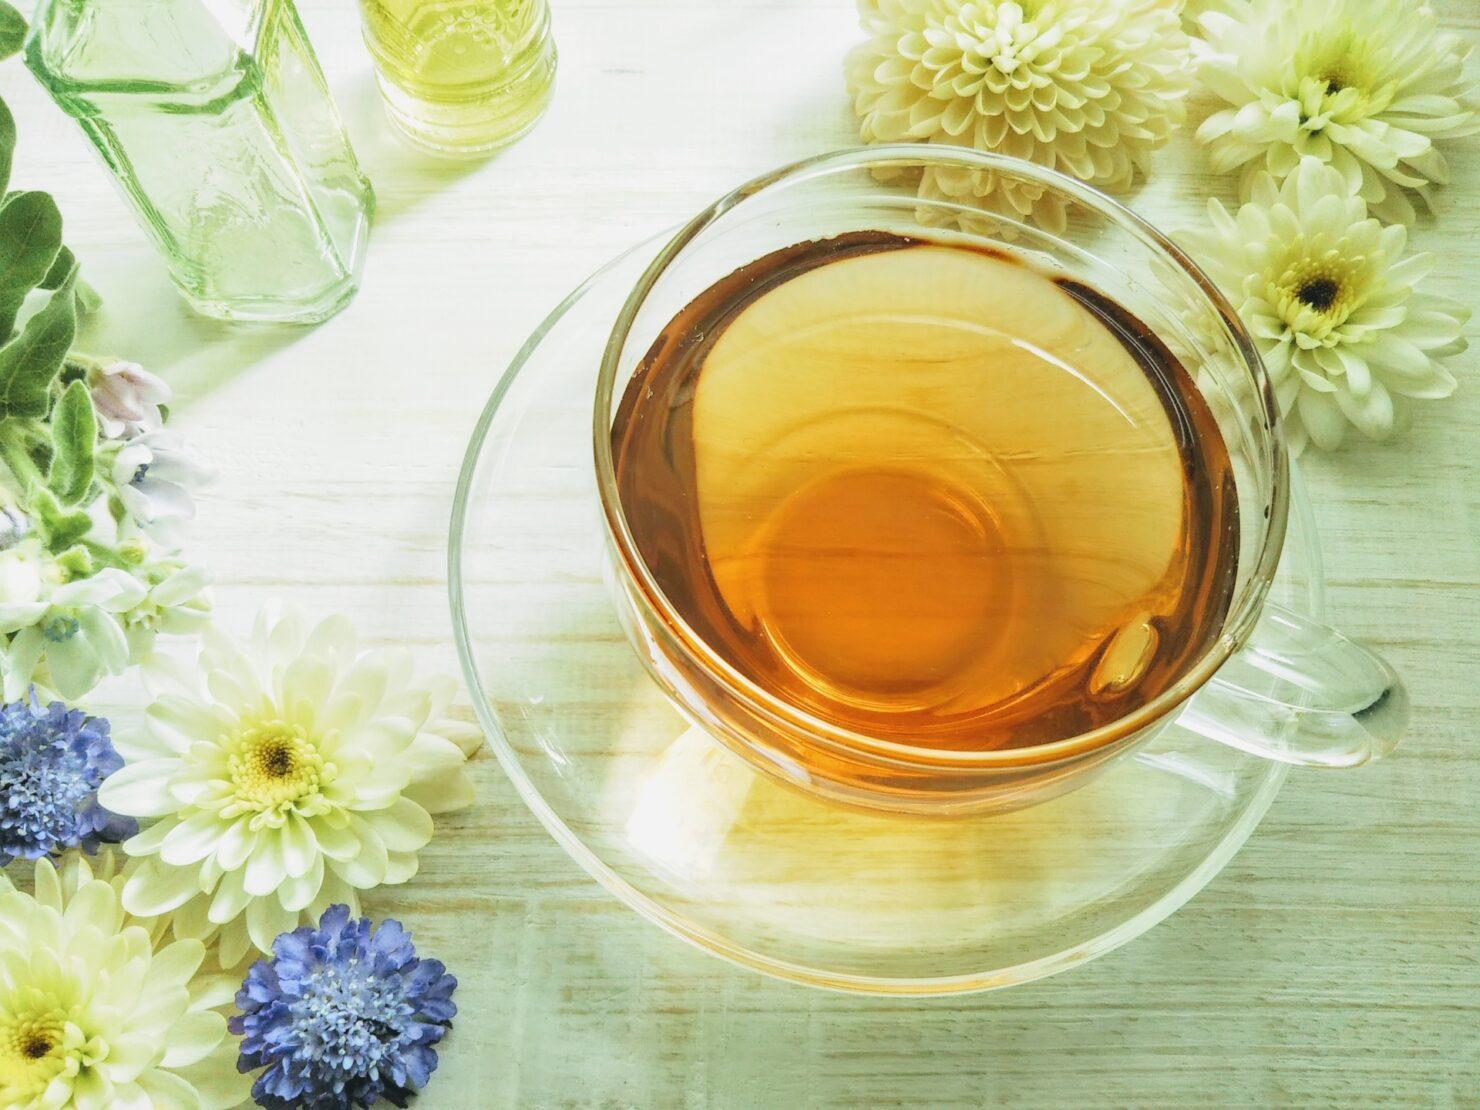 授乳中でも飲めるお茶おすすめ13選! カフェインの摂取量に注意!